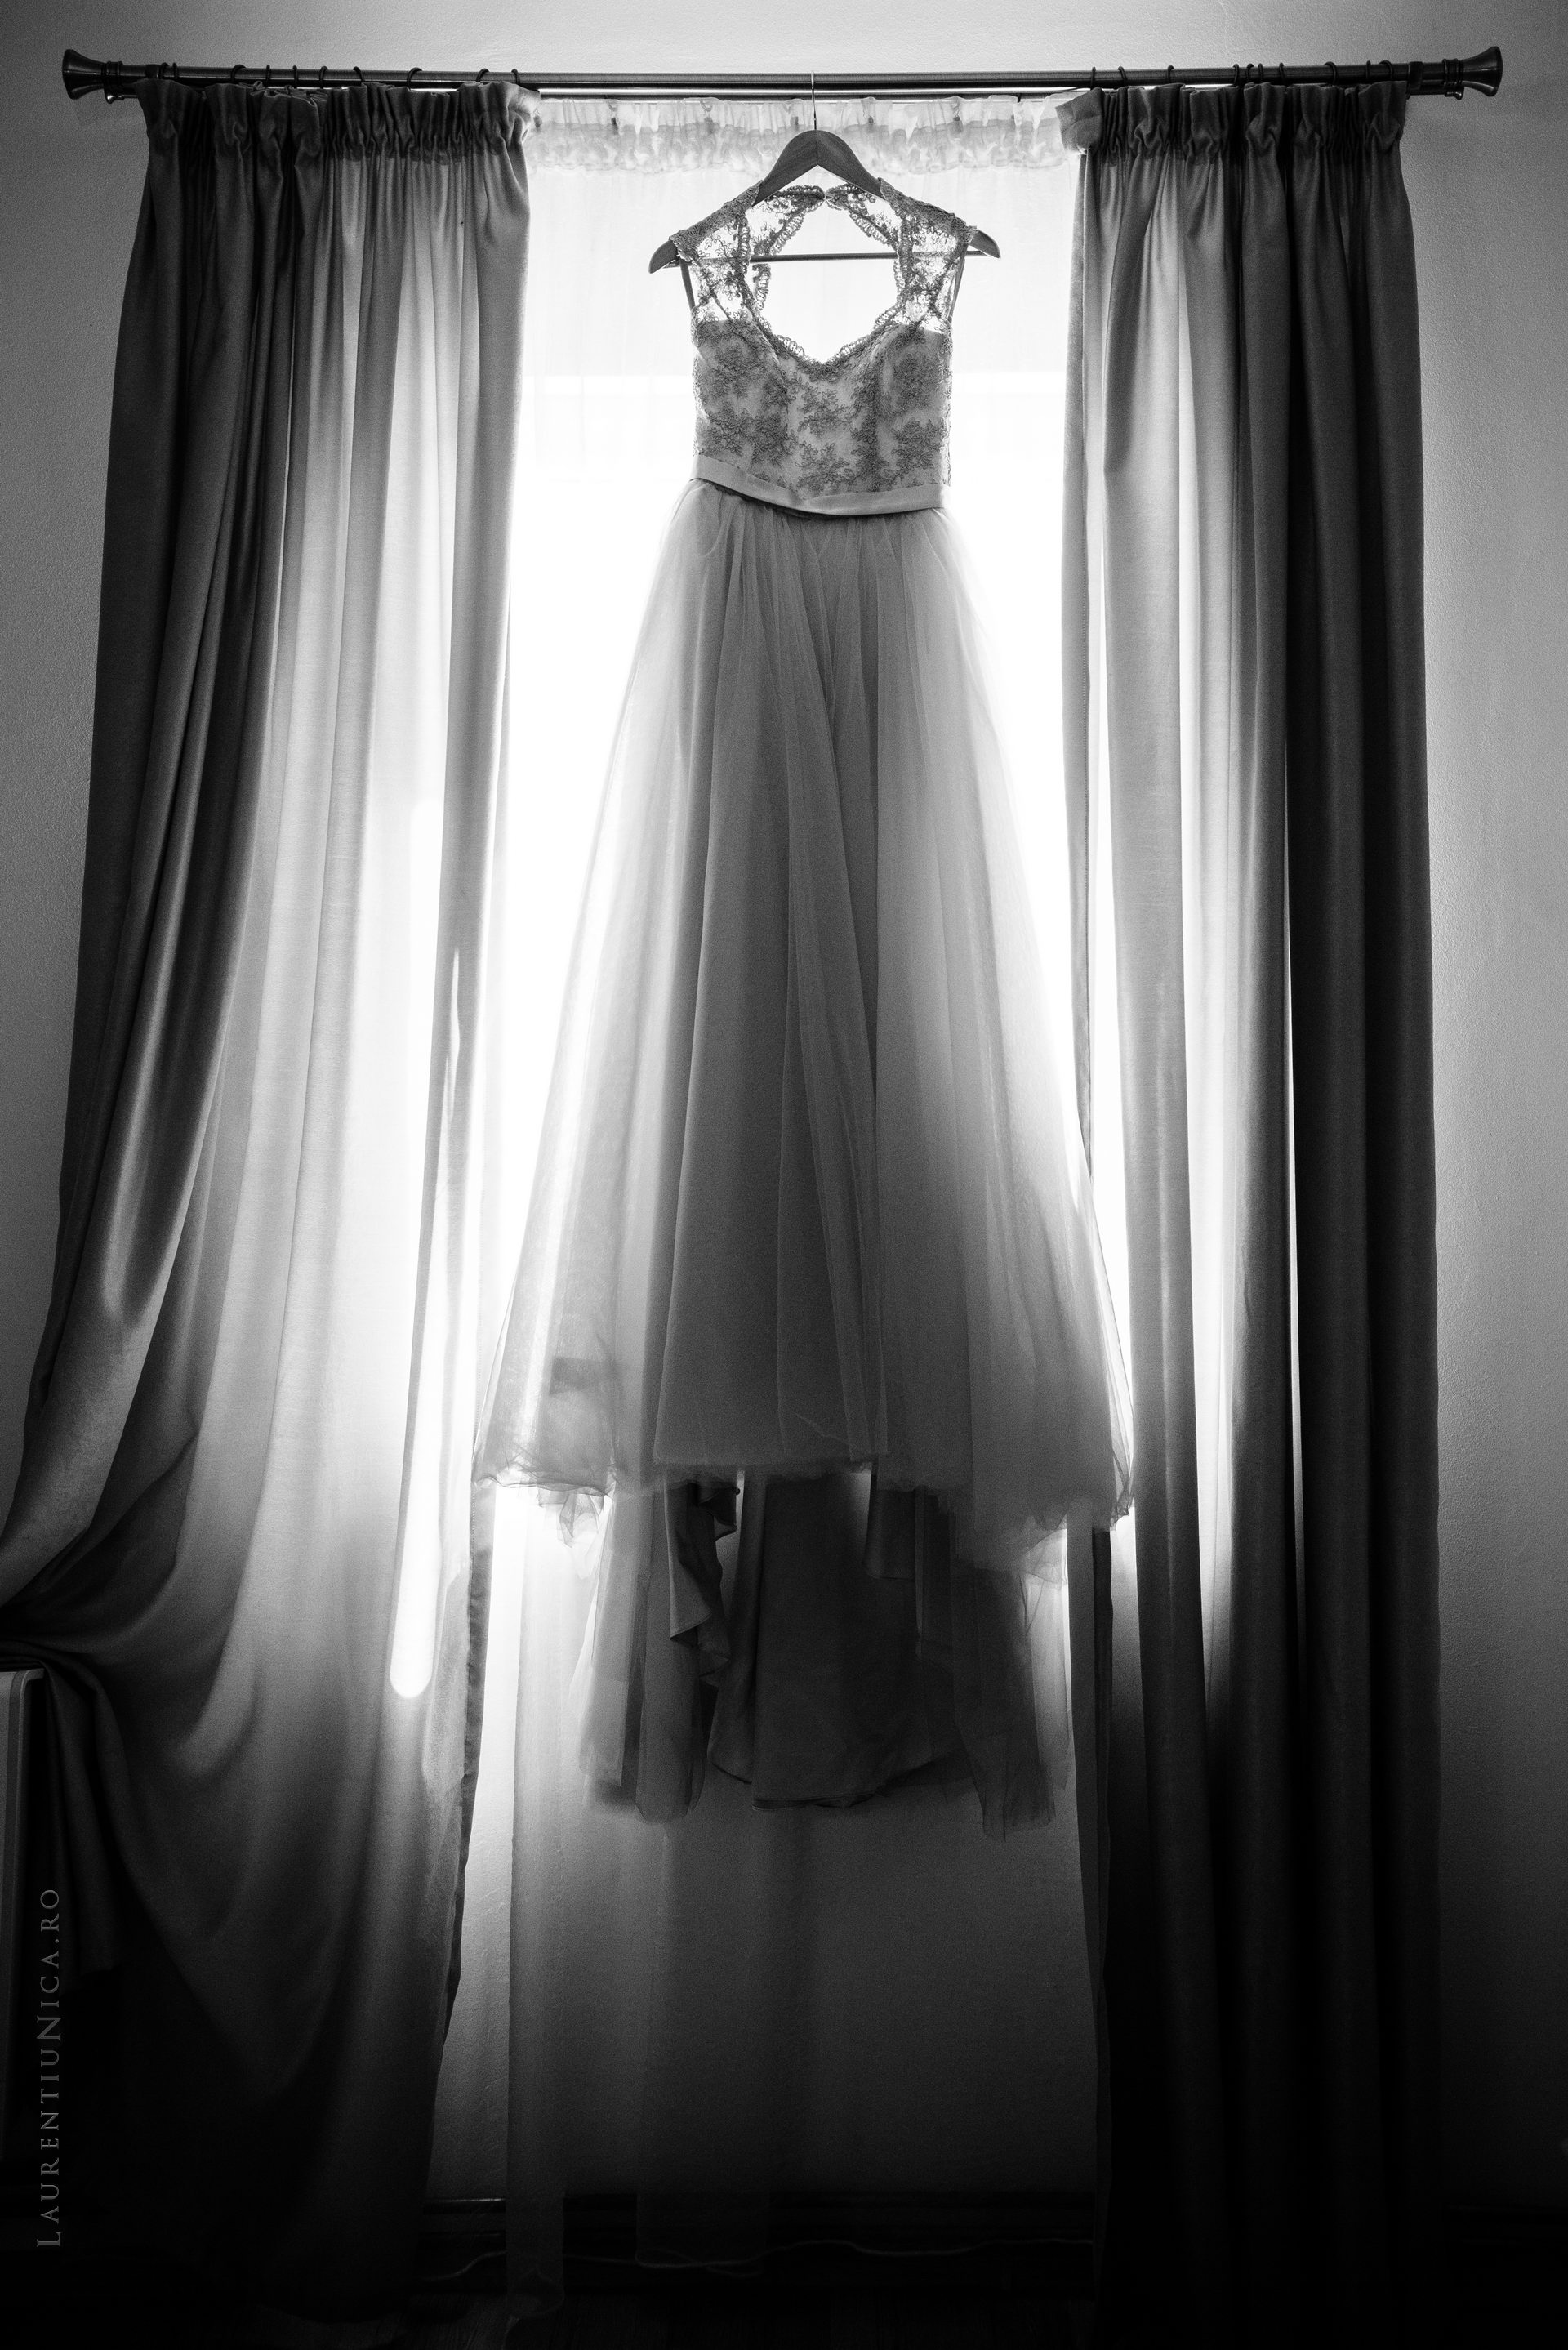 lavinia si adi fotograf laurentiu nica craiova 014 - Lavinia & Adi | Fotografii nunta